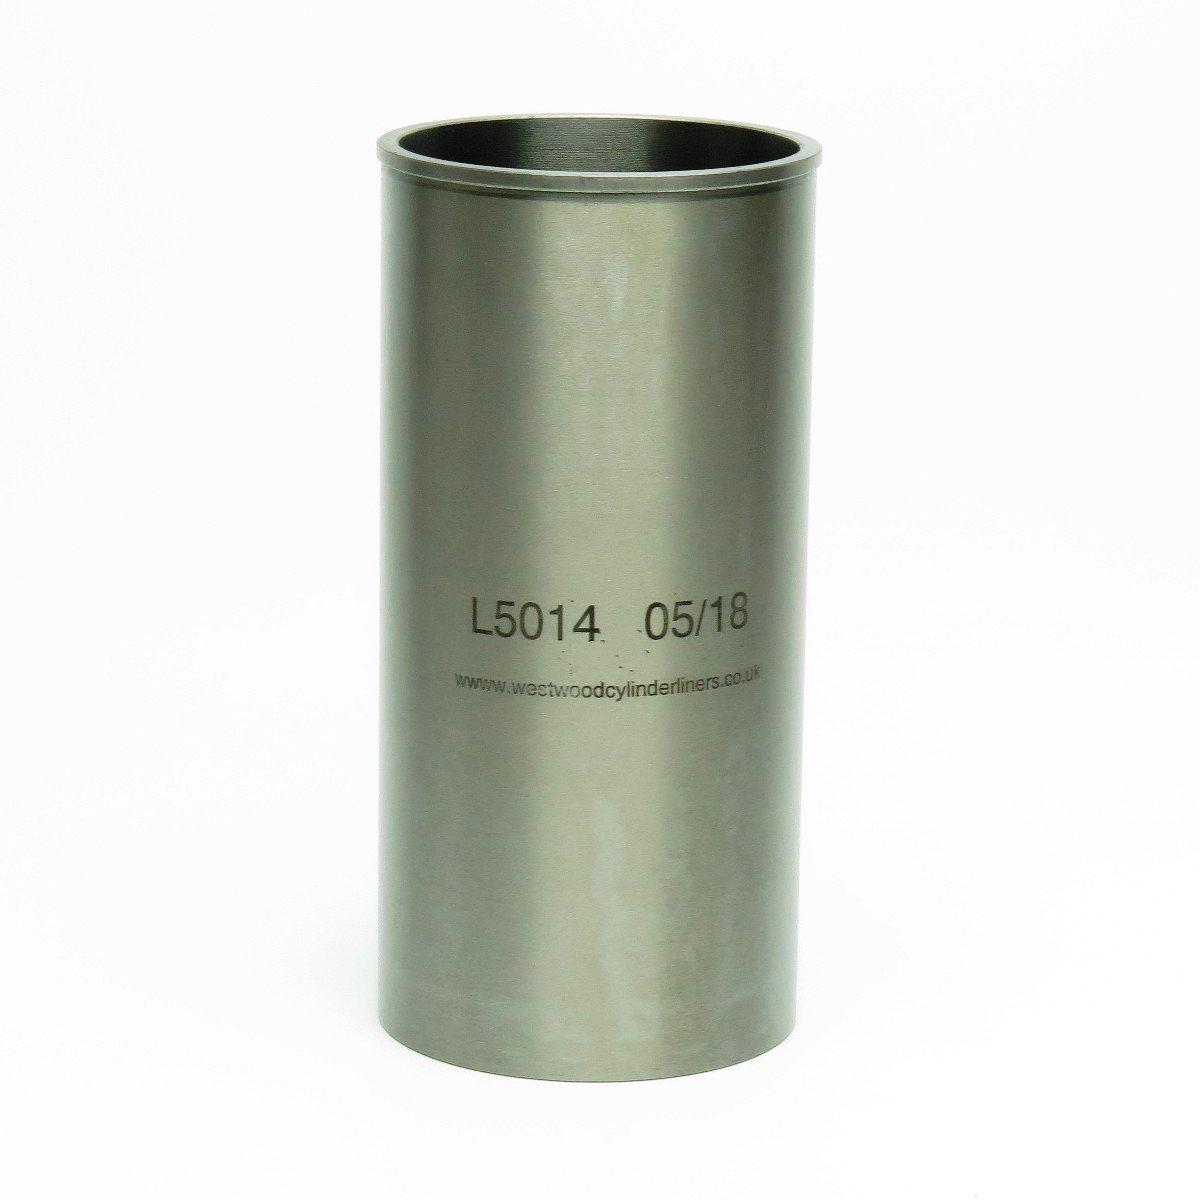 L 5014 - Cylinder Repair Liner